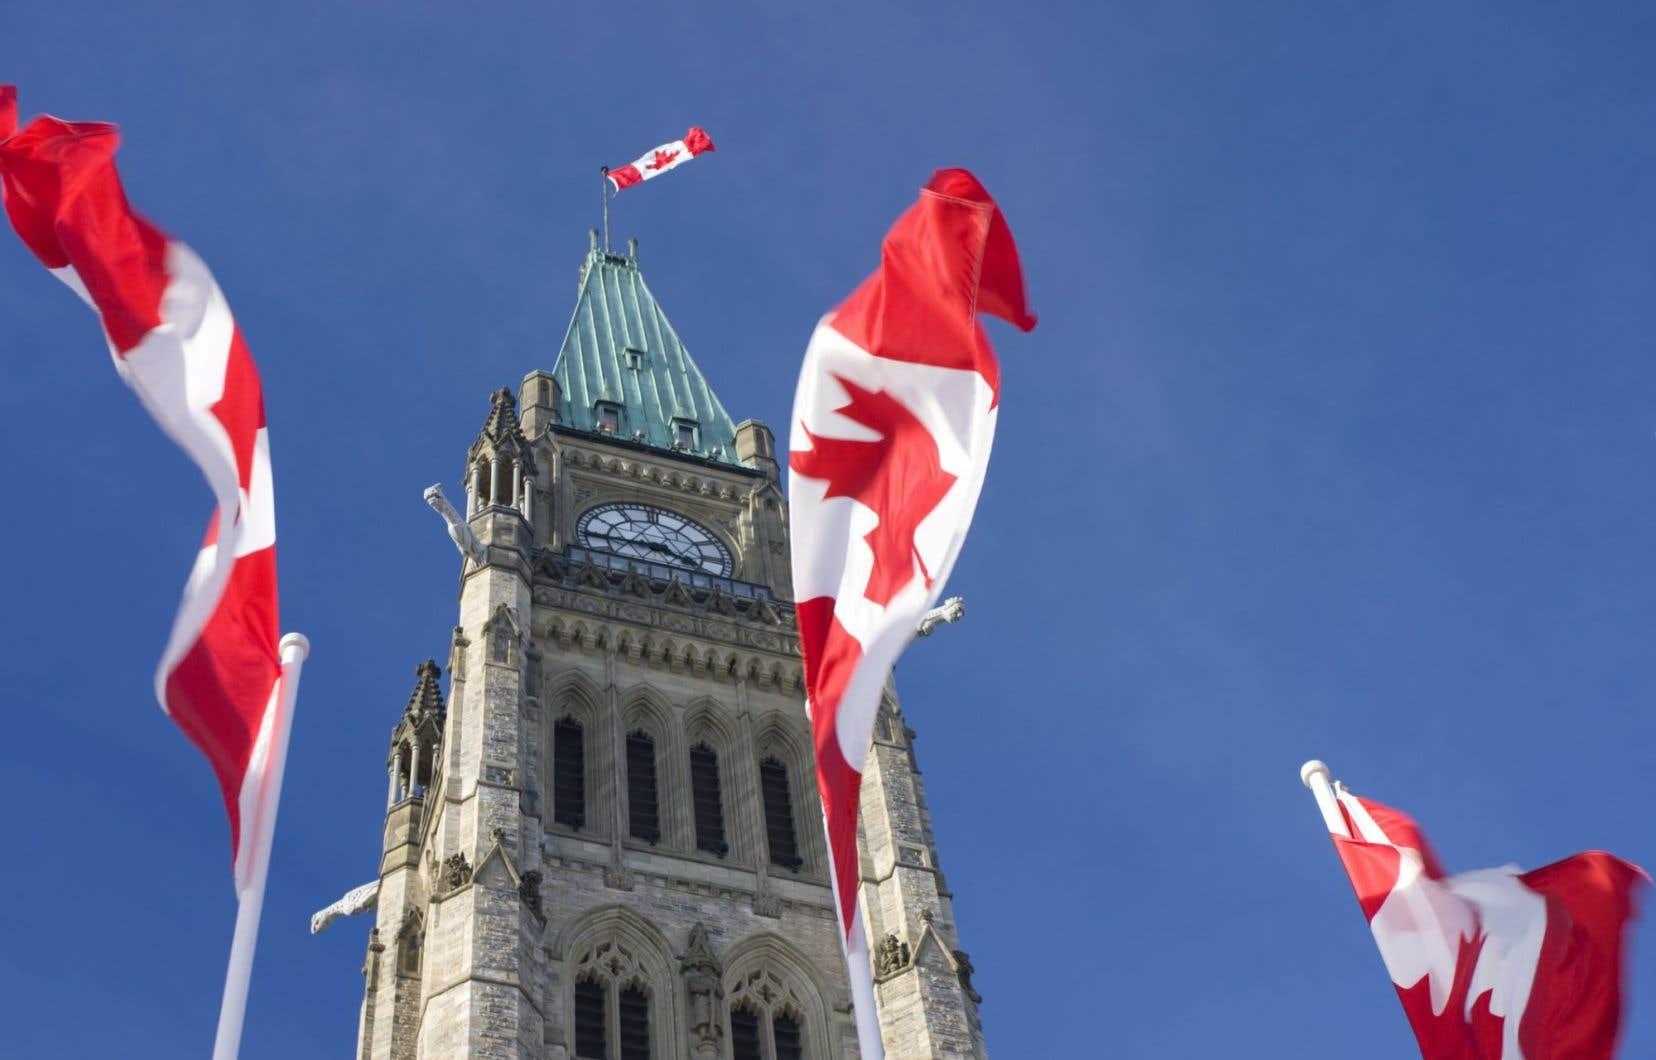 Moody's accorde une bonne note au Canada pour la transparence de sa politique monétaire et pour son système financier bien développé et bien réglementé.